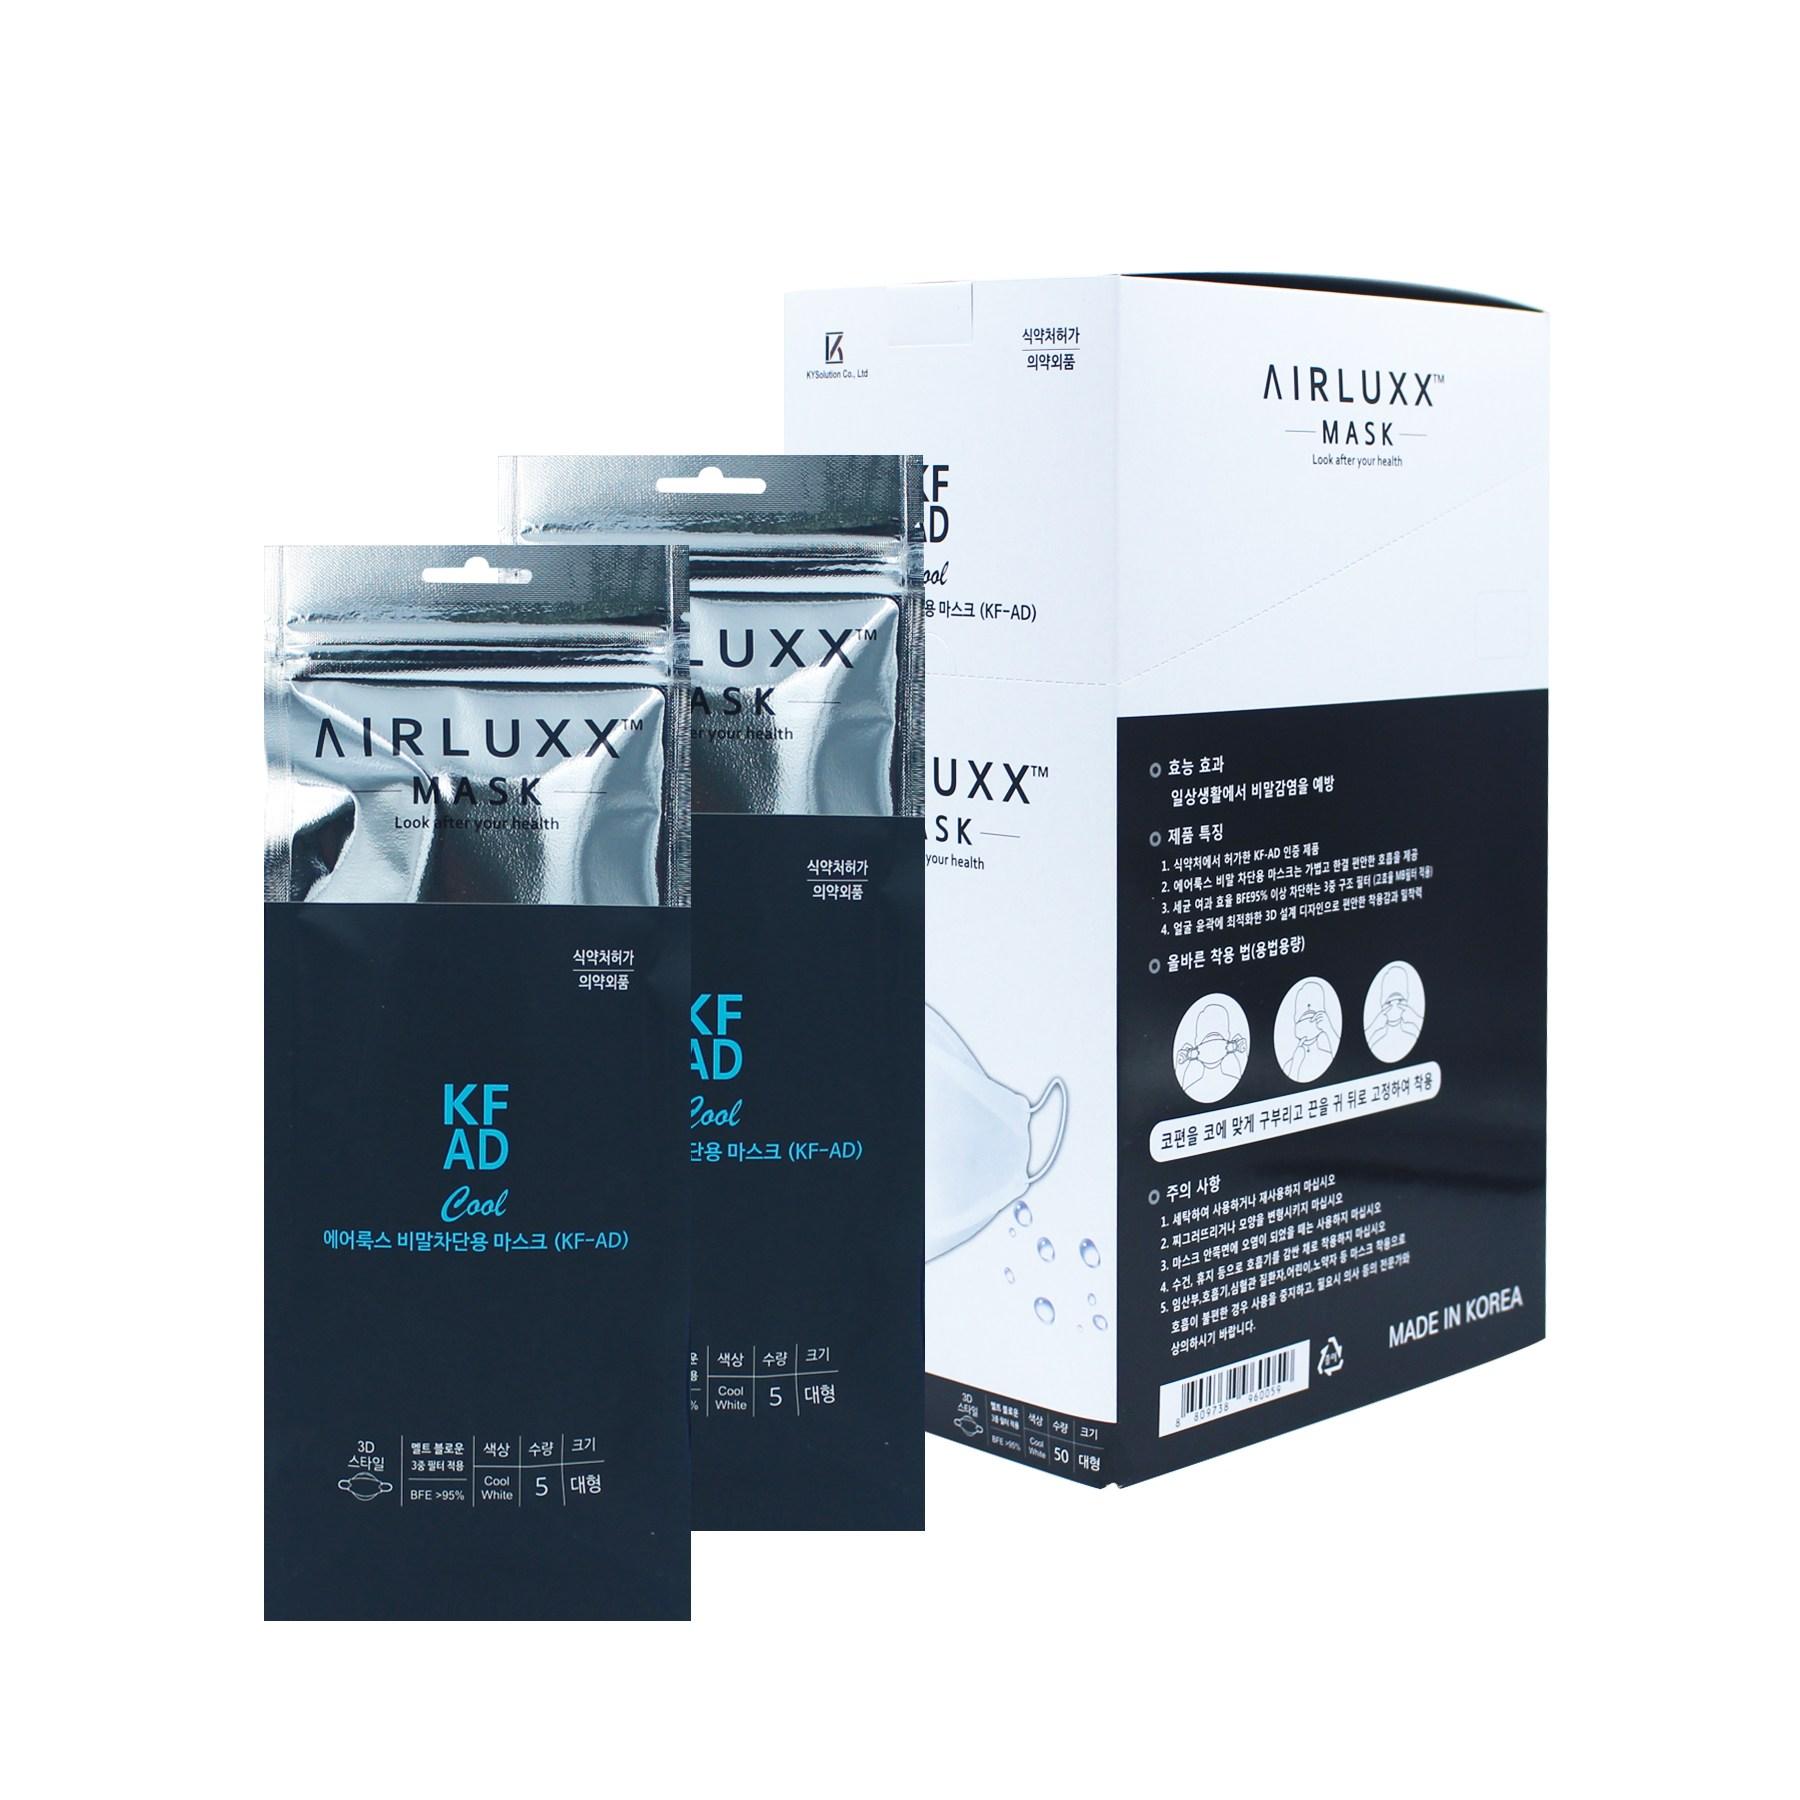 [국내생산] 에어룩스 KF-AD 입체형 비말차단 숨쉬기 편한 마스크 화이트 대형 50매, 10개, 5매입